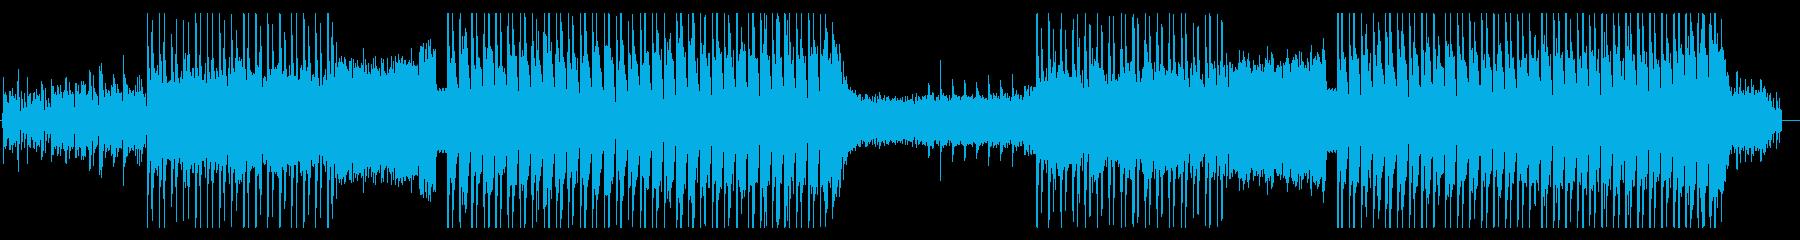 重い緊迫感 3の再生済みの波形